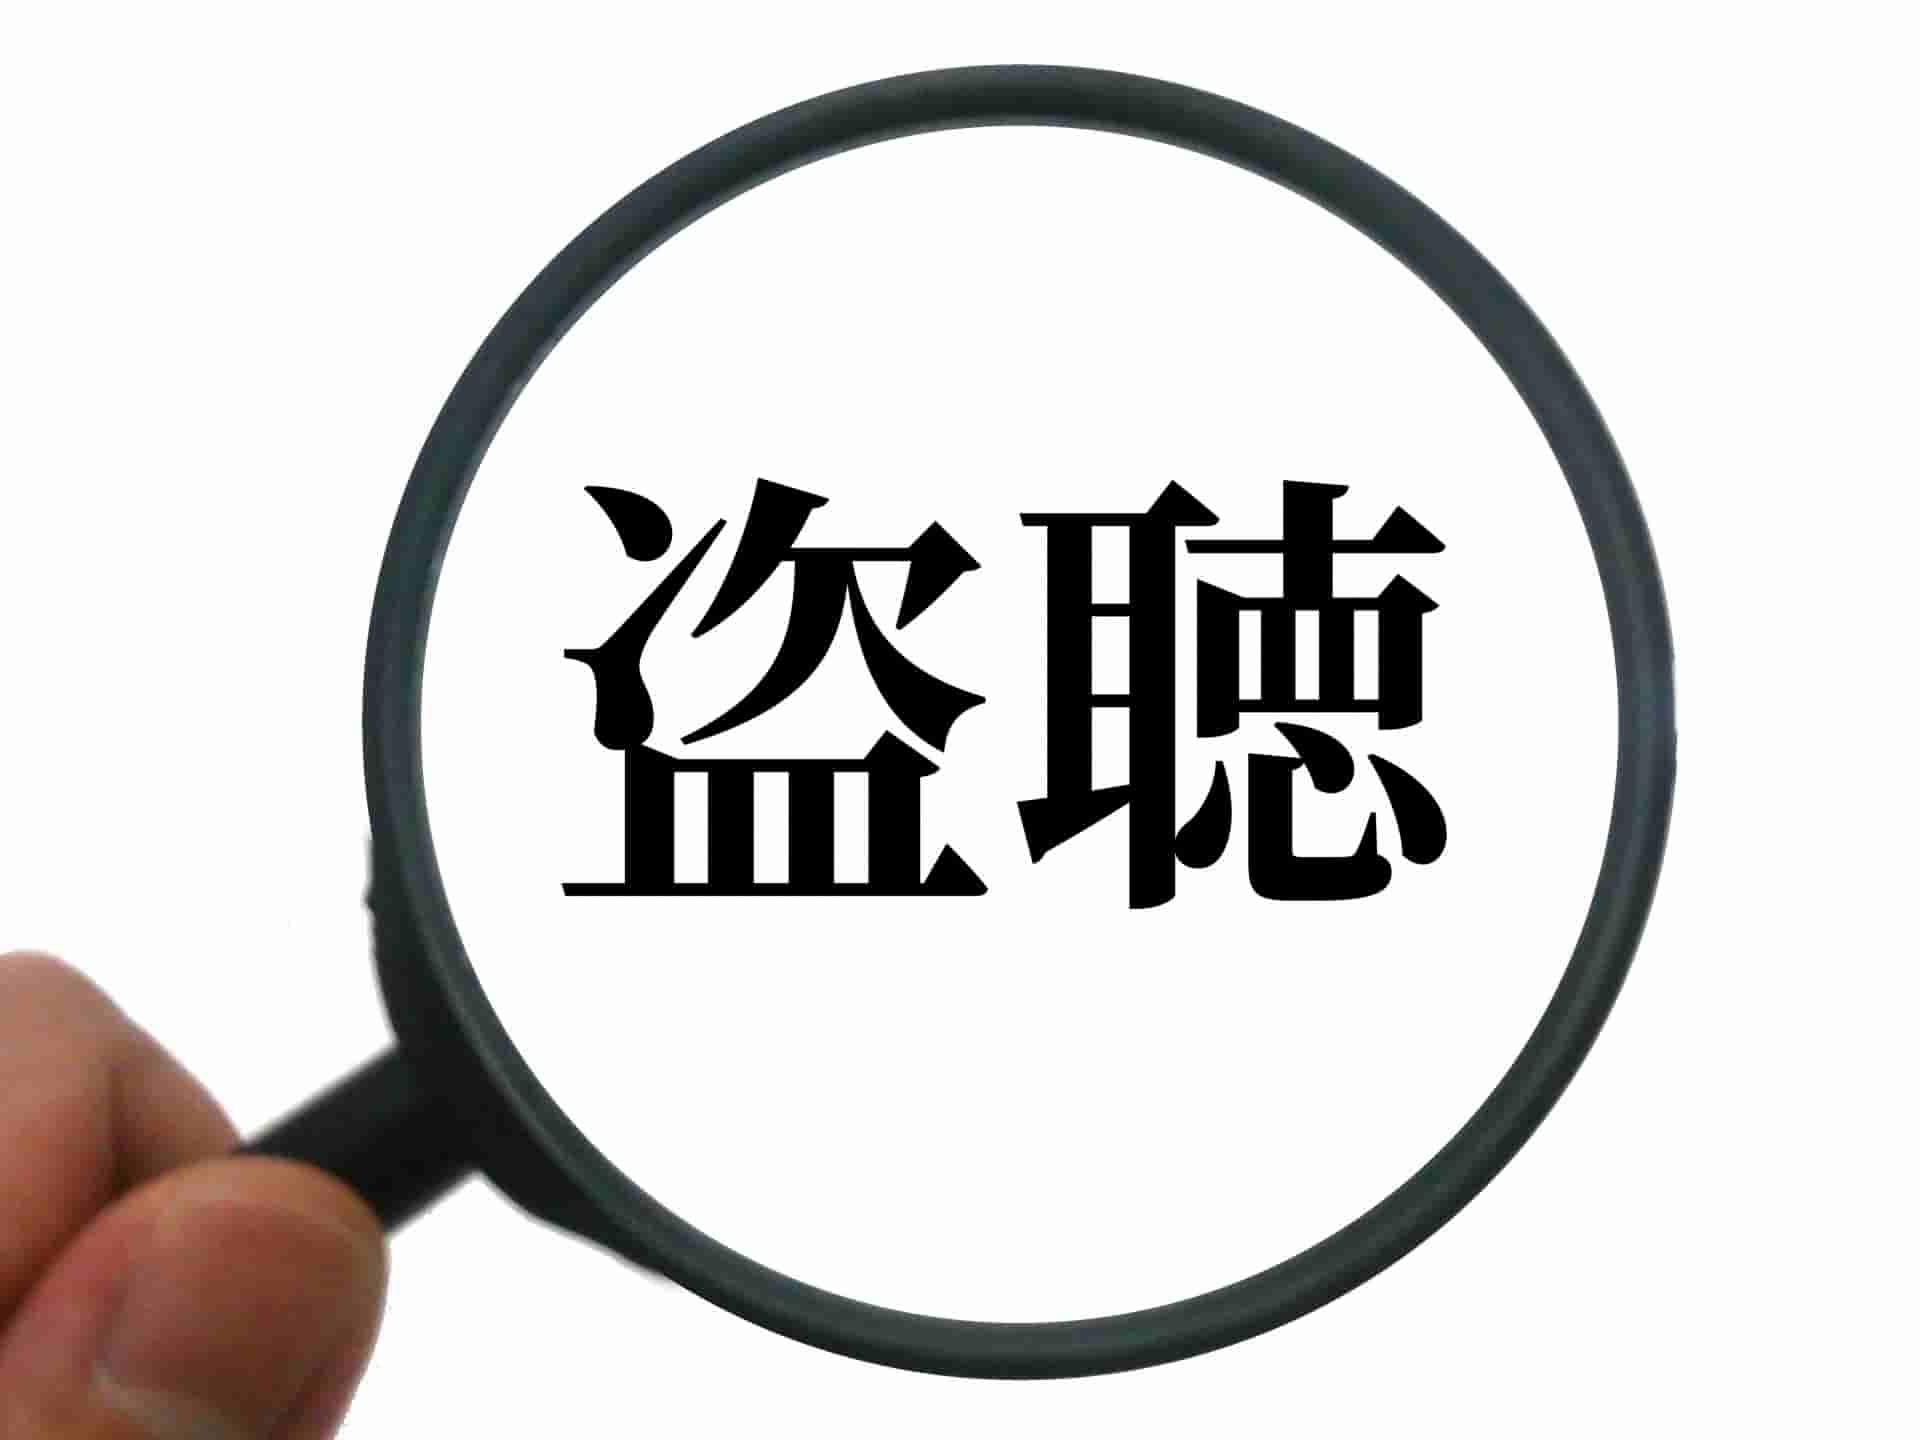 盗聴器発見調査で実績がある千葉県のラブ探偵事務所へお任せ下さい